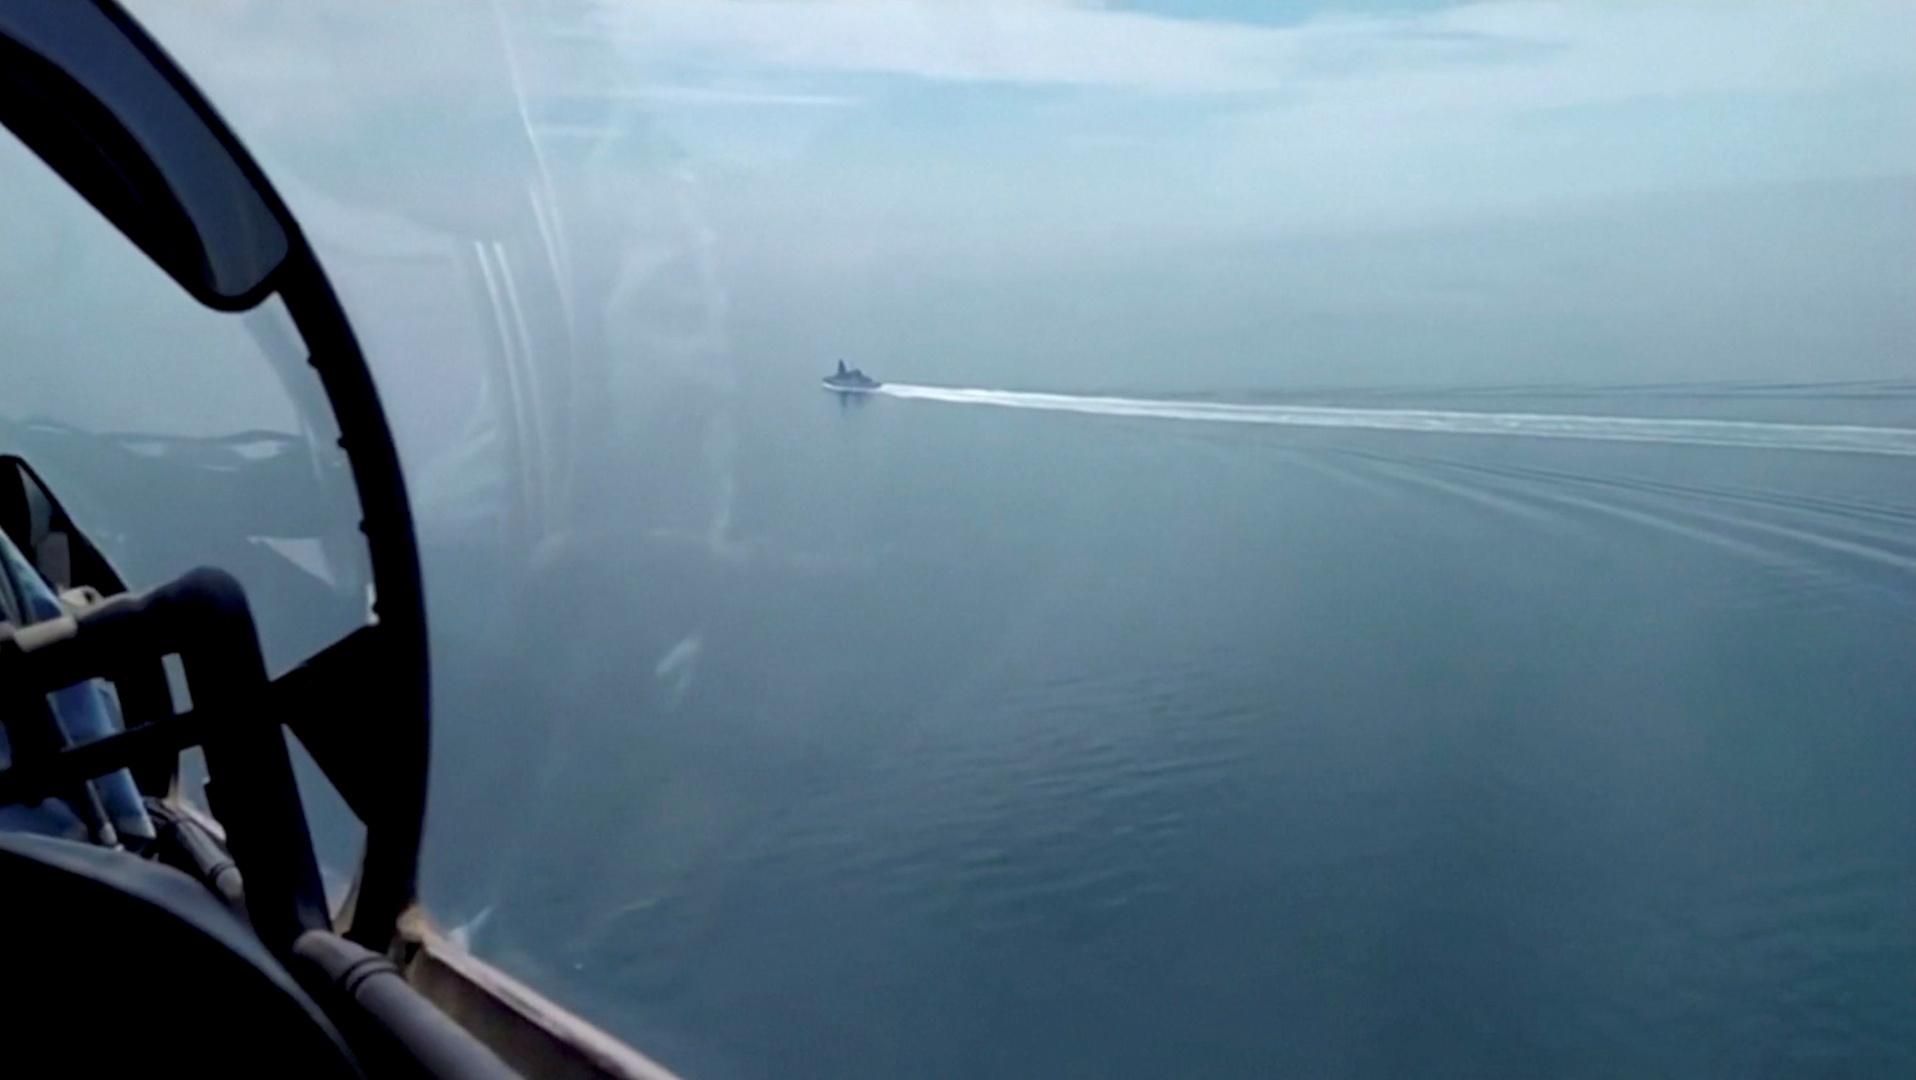 روسيا لسفيرة لندن: بريطانيا ستتحمل عواقب أي استفزازات محتملة في البحر